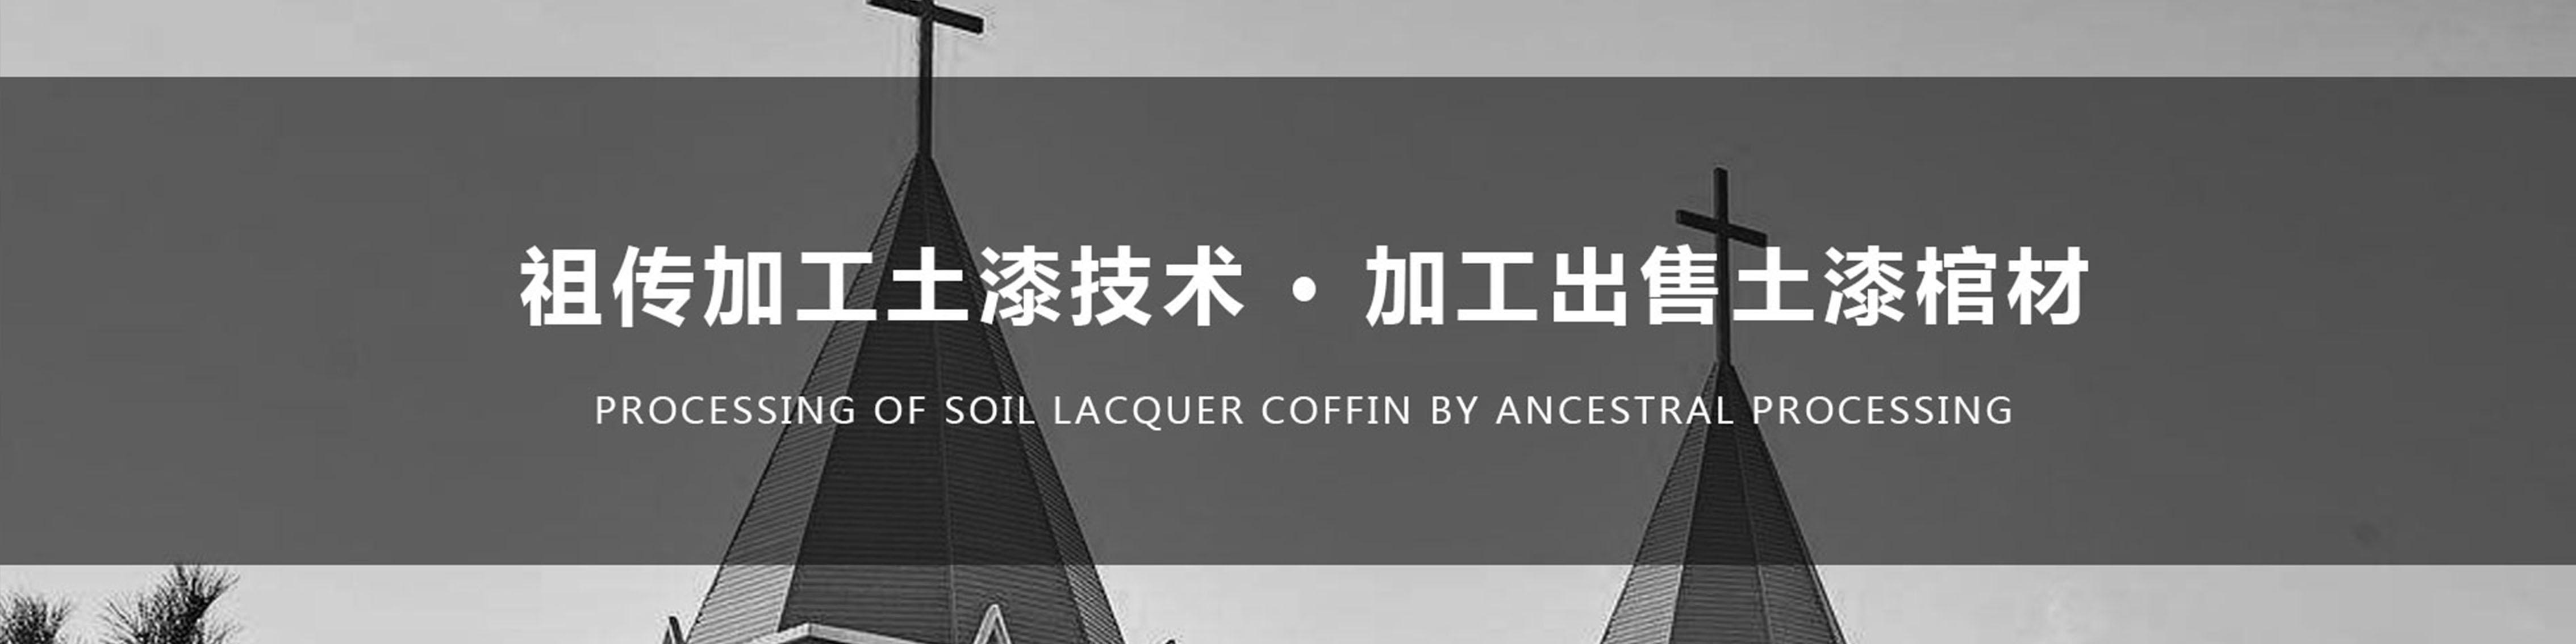 内乡县马山口镇兴隆木材加工厂